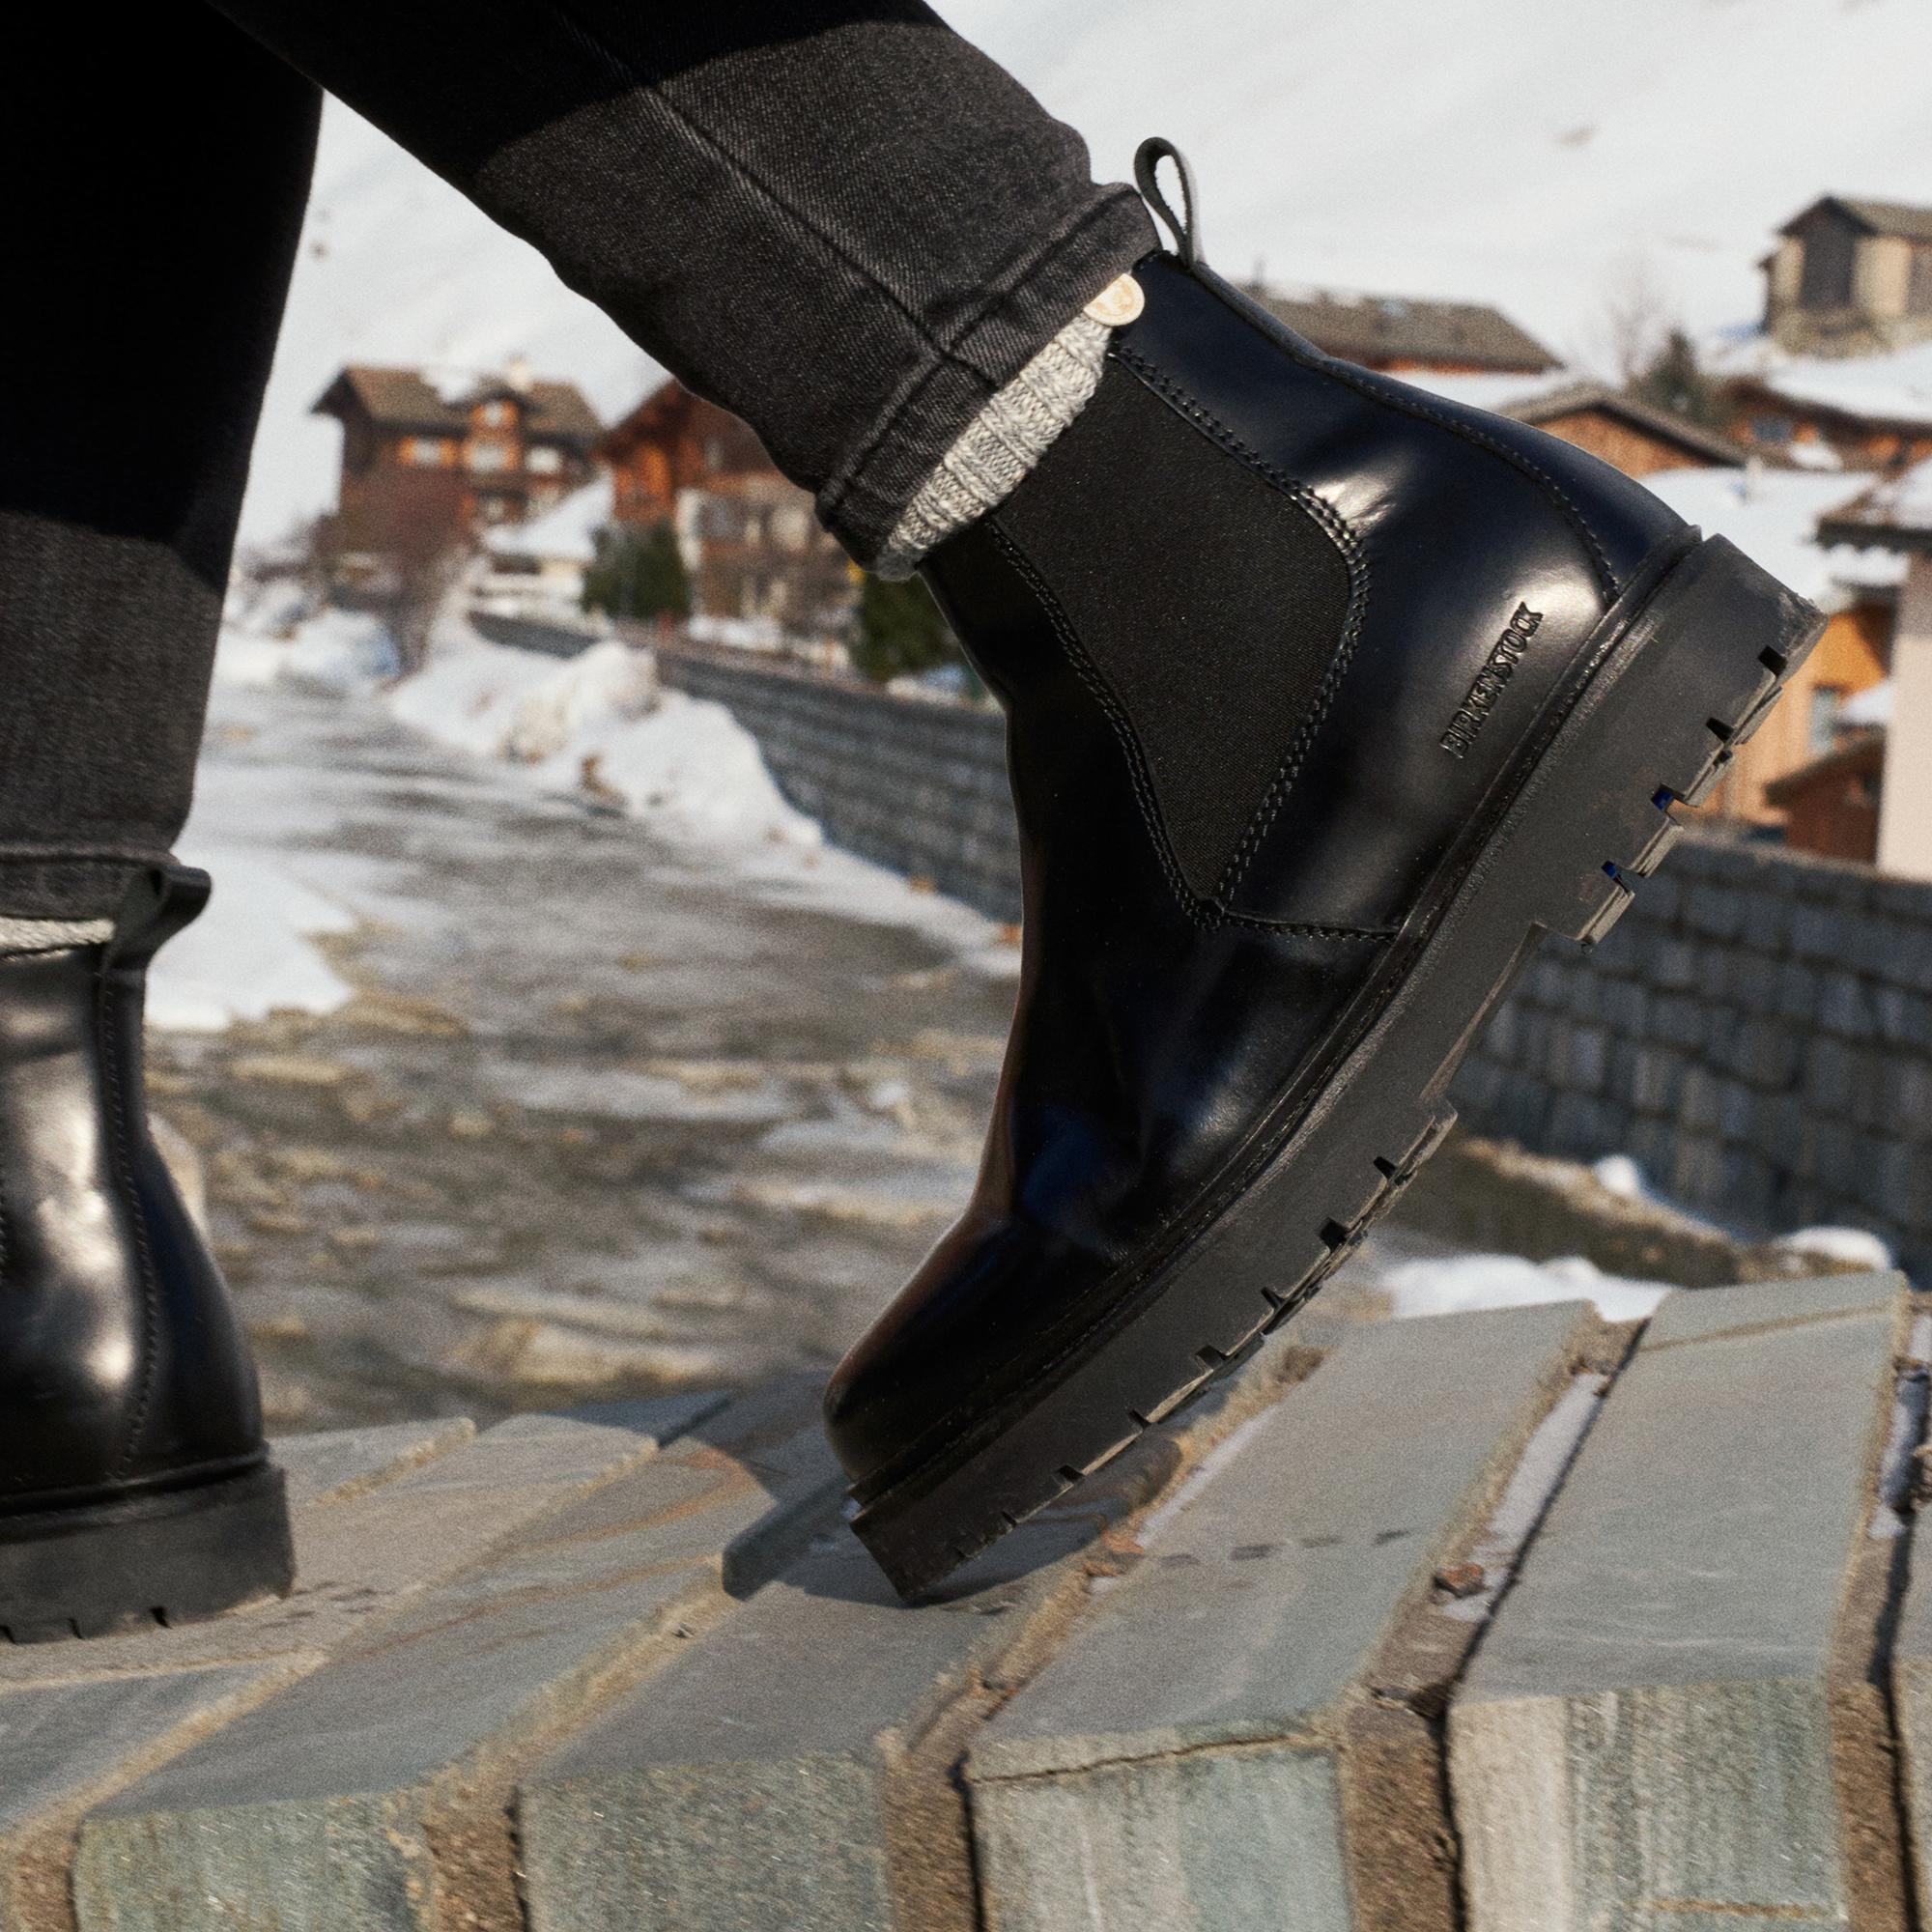 016b77d30b01 ... Stalon Natural Leather · Stalon Natural Leather. Stalon Natural Leather  Black